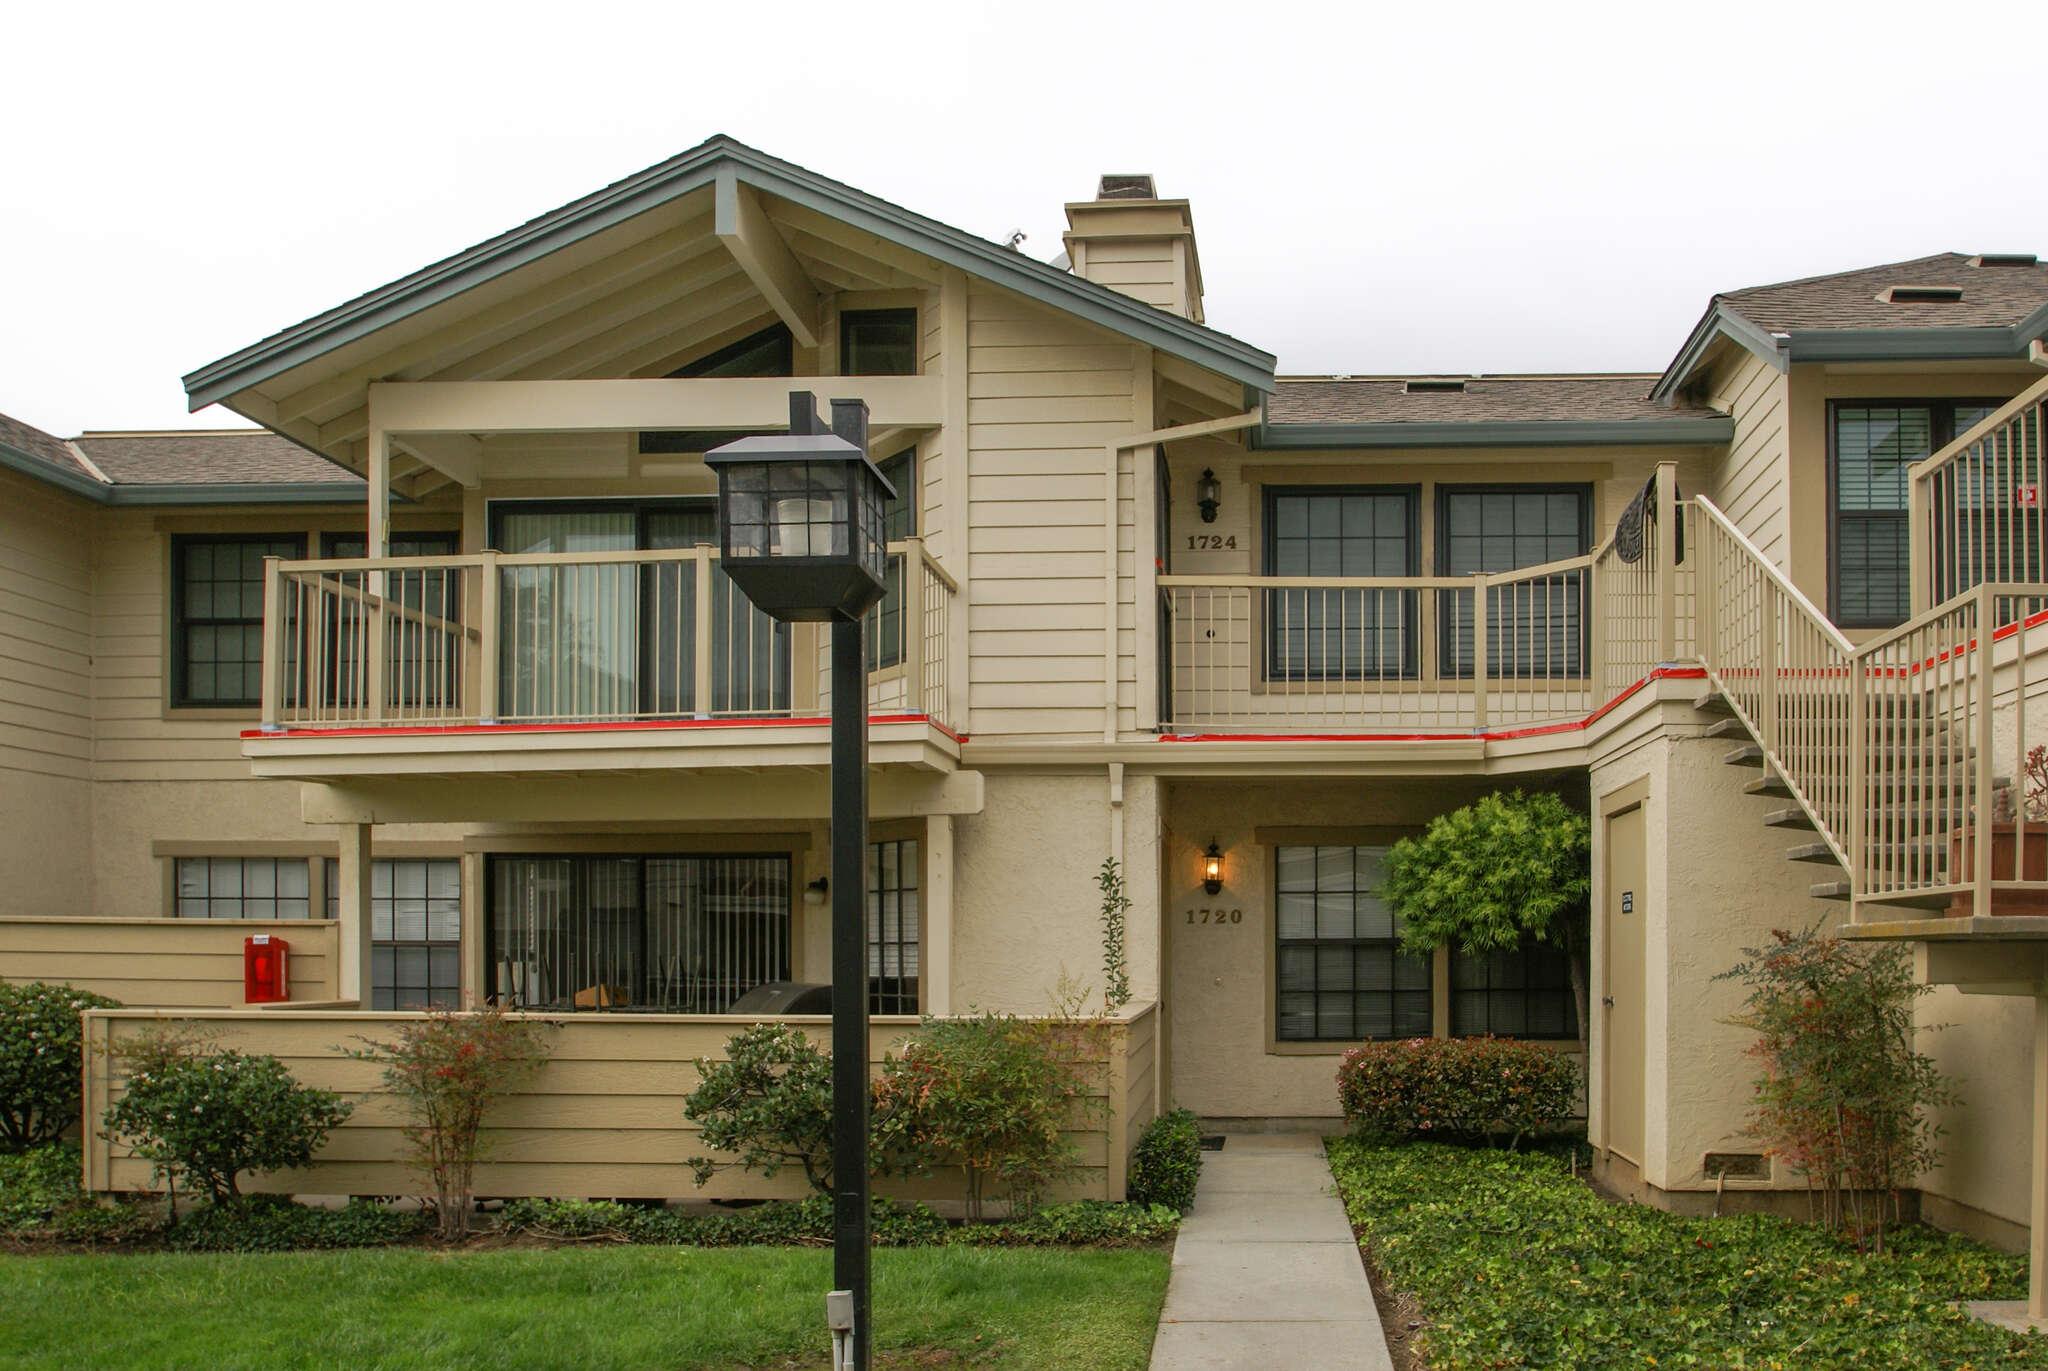 Condominium for Sale at 1724 Vista Del Sol San Mateo, California 94404 United States